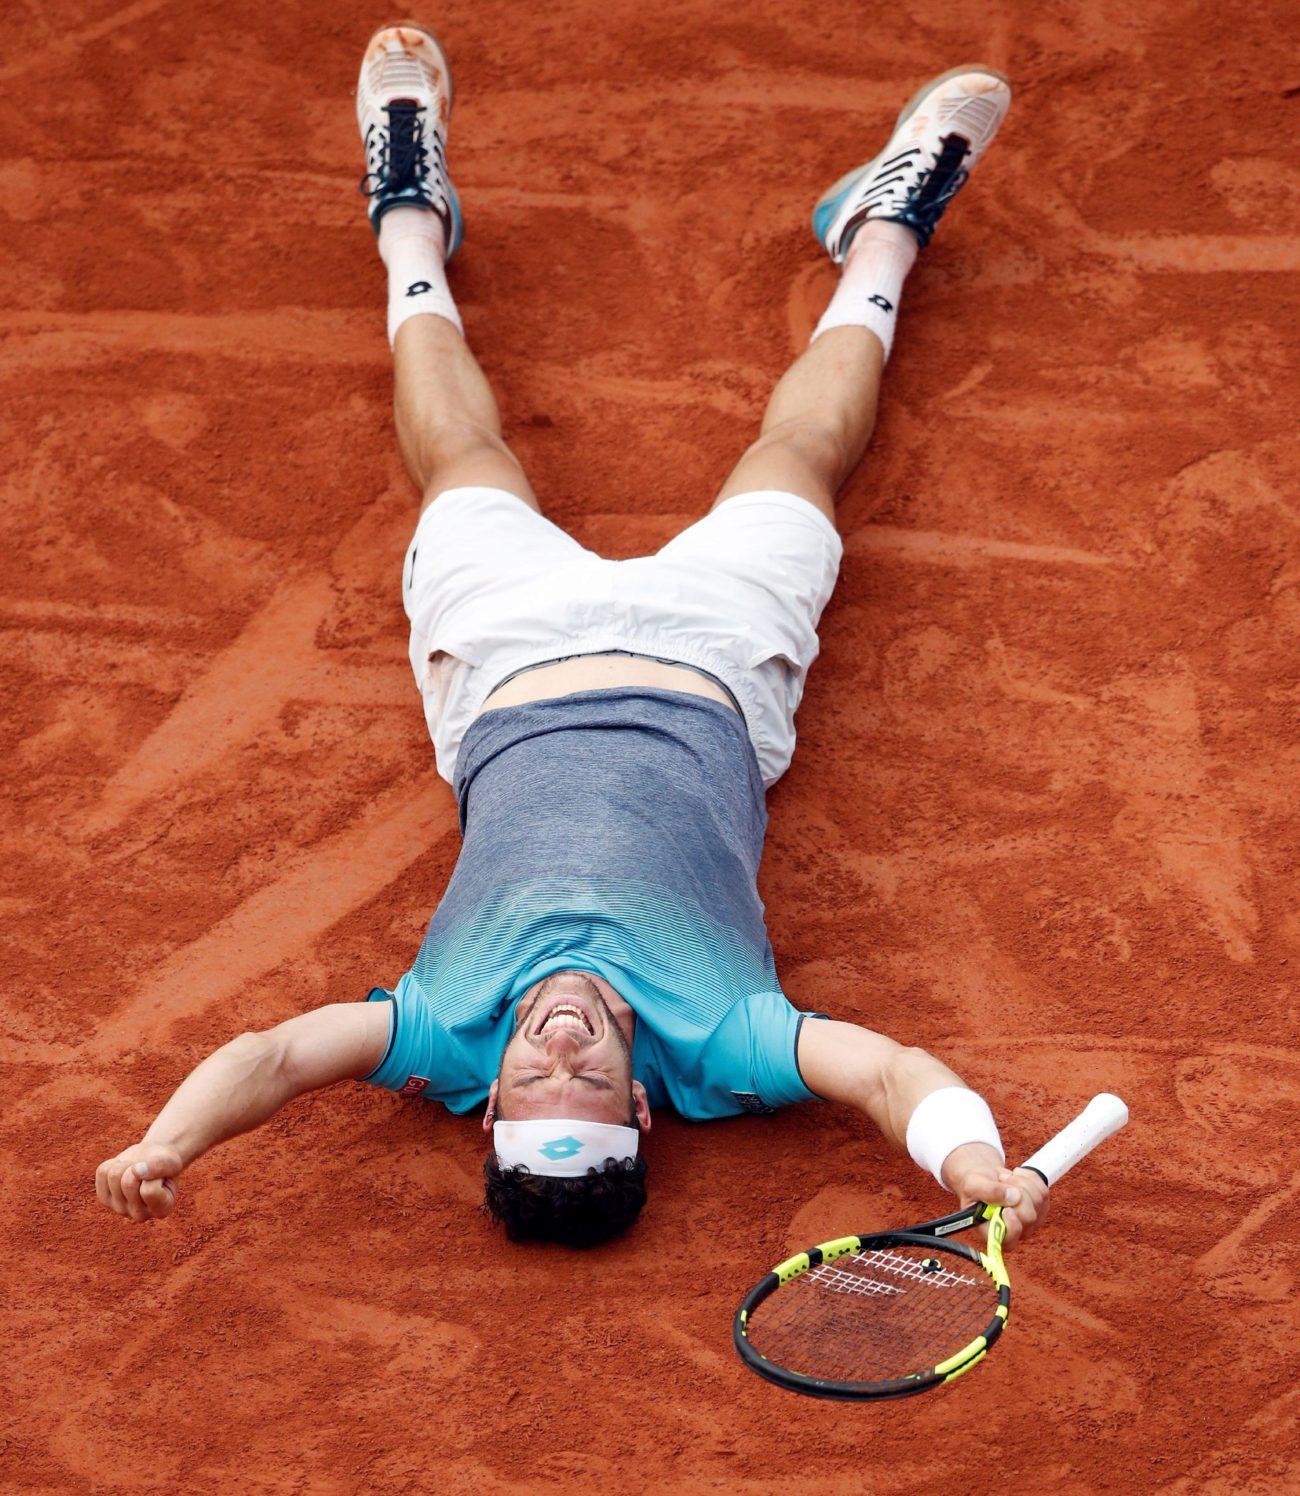 Las fotos más visuales y originales de la jornada en Roland Garros